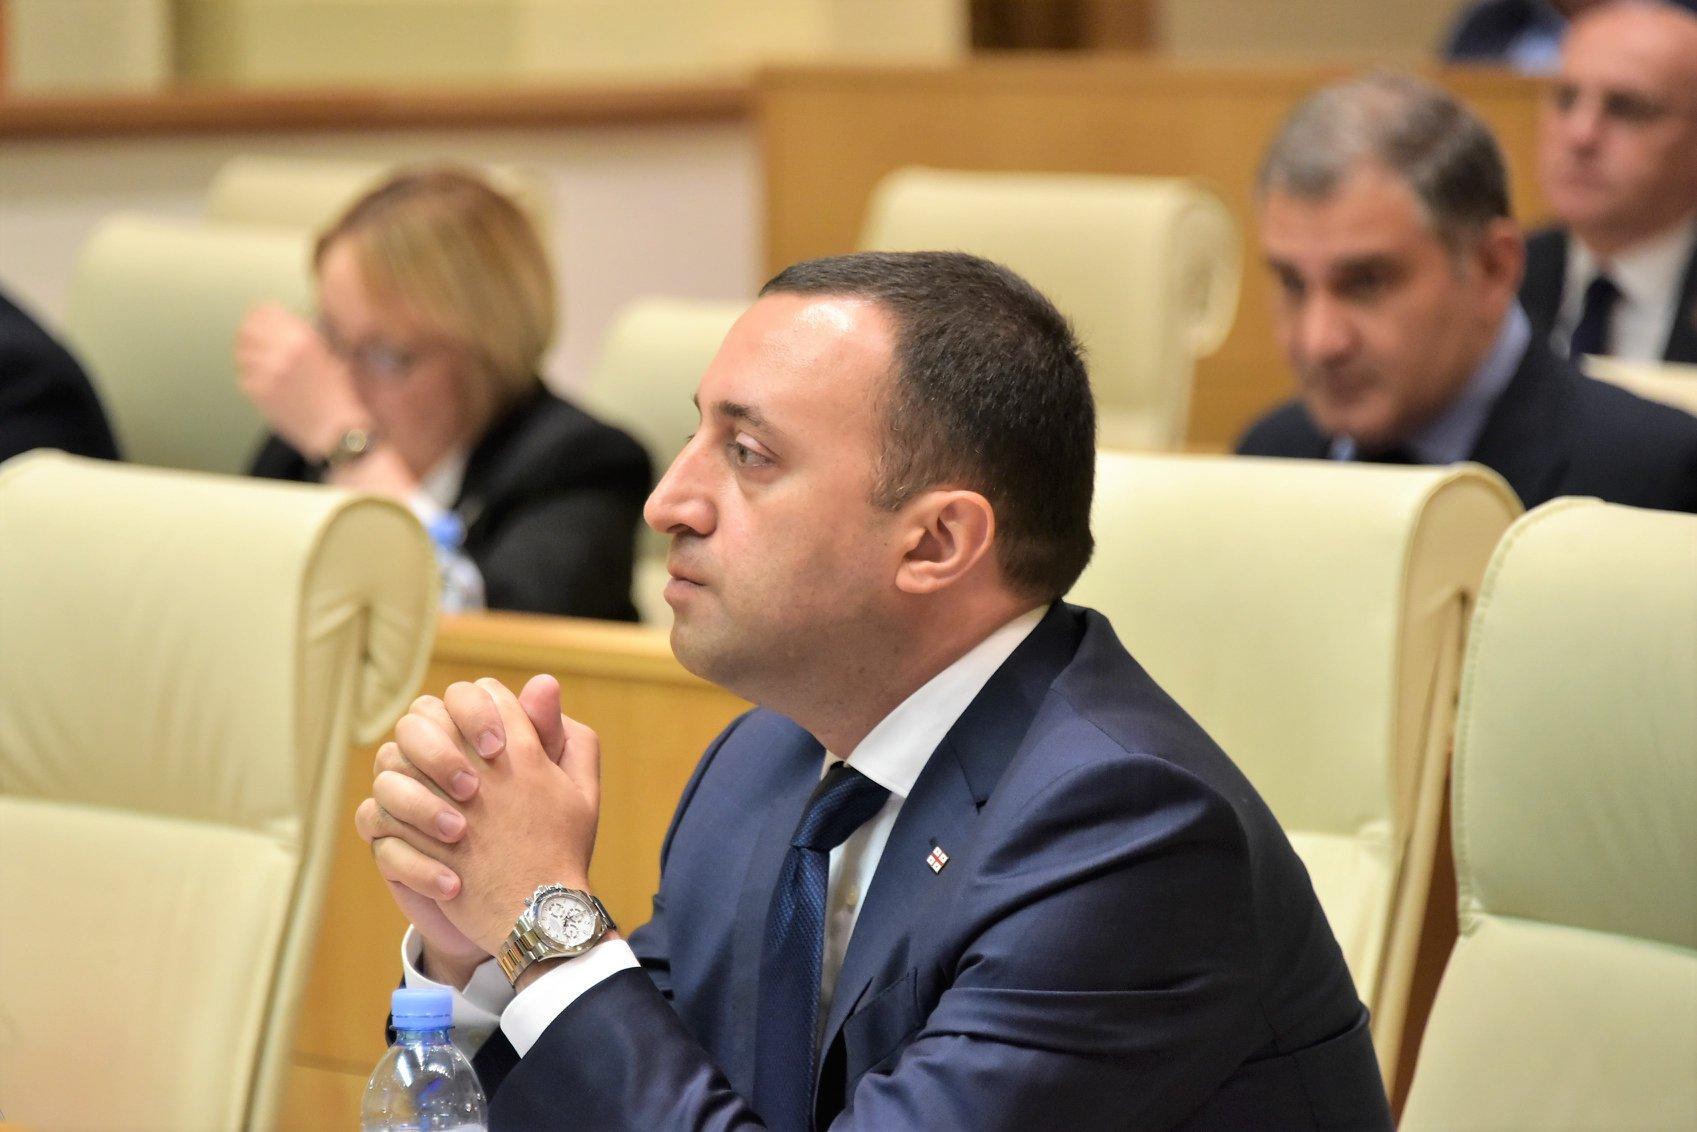 Irakli Gharibashvili 14 #новости Грузинская мечта, Единое Национальное Движение, Ираклий Гарибашвили, кризис Мечты, Революция роз, экономика Грузии